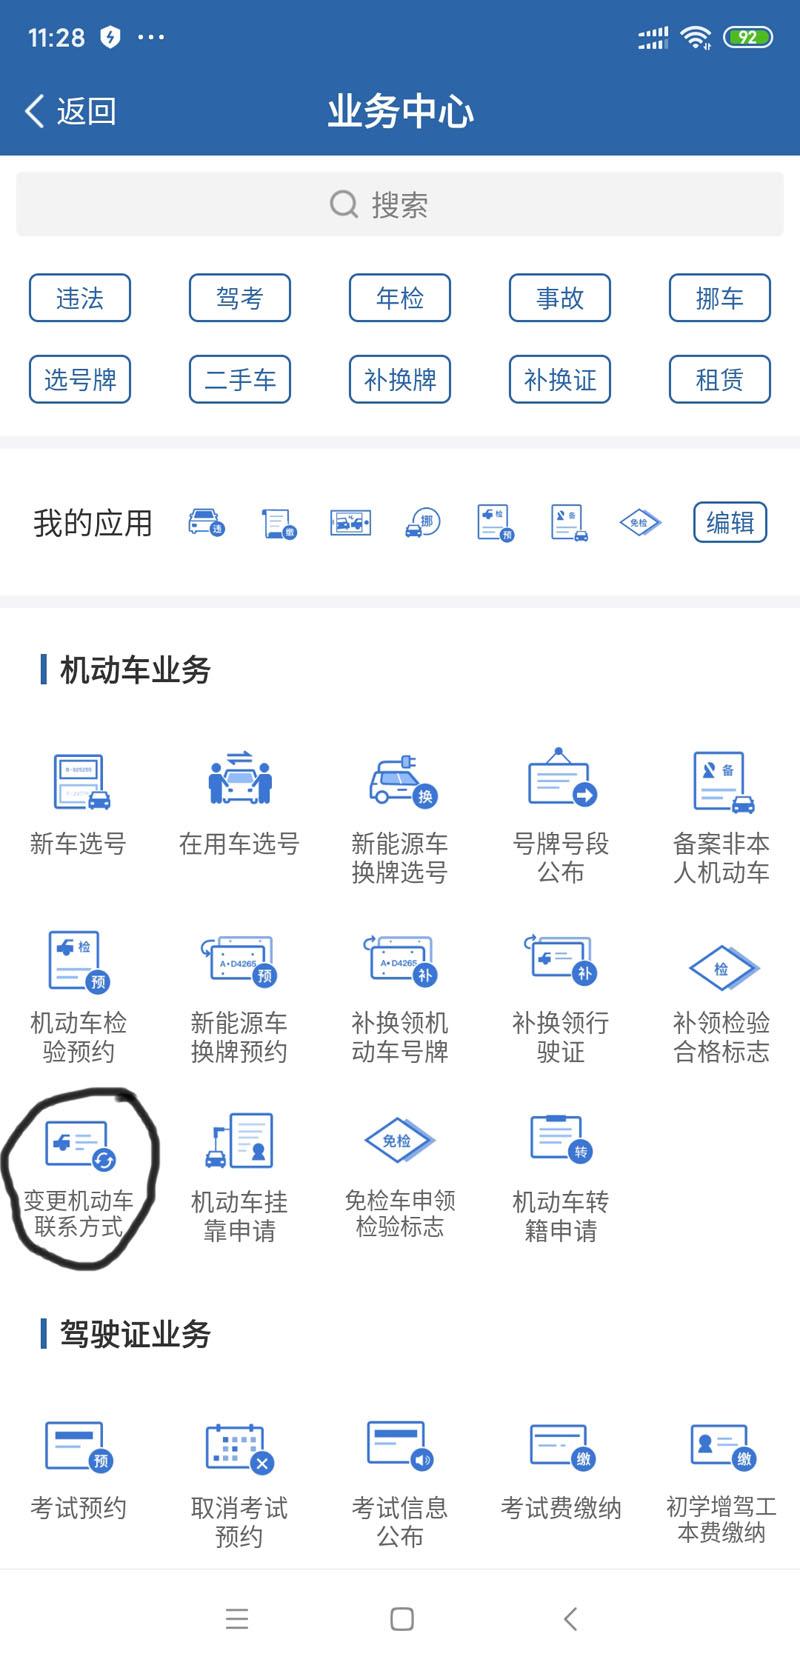 Screenshot_2019-11-05-11-28-18-867_com.tmri.app.main.jpg